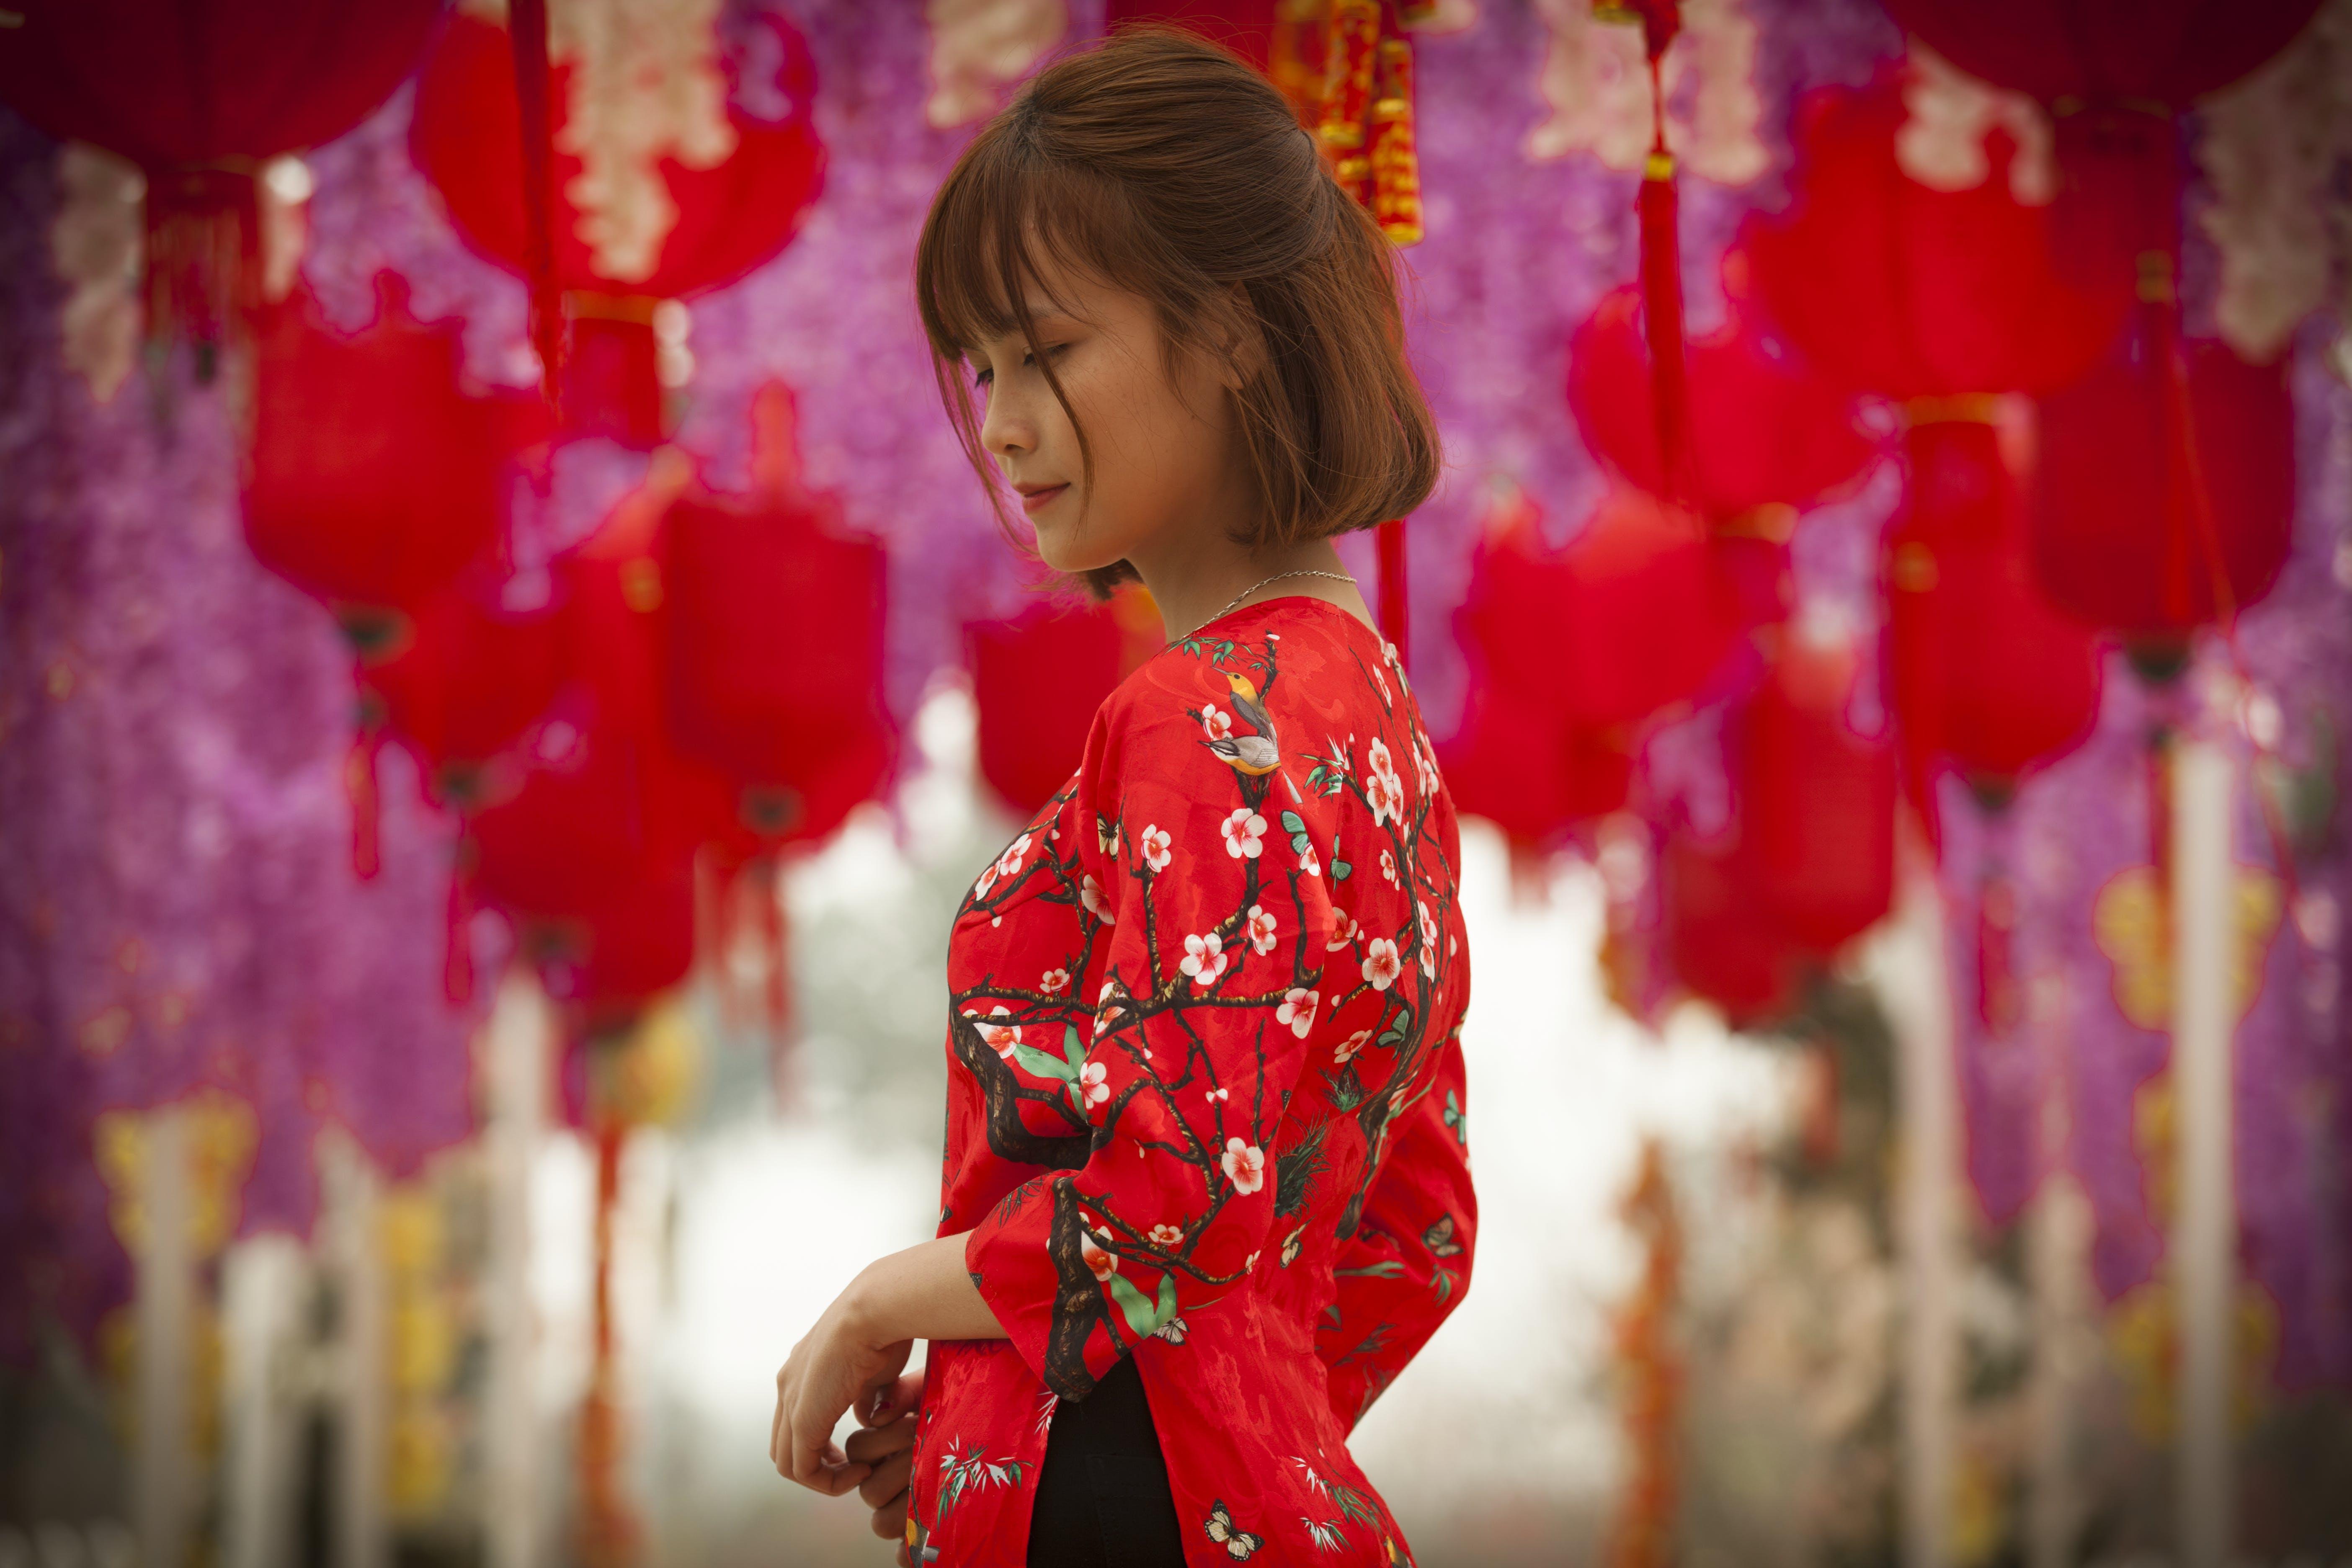 Kostenloses Stock Foto zu asiatin, asiatische frau, frau, kleid